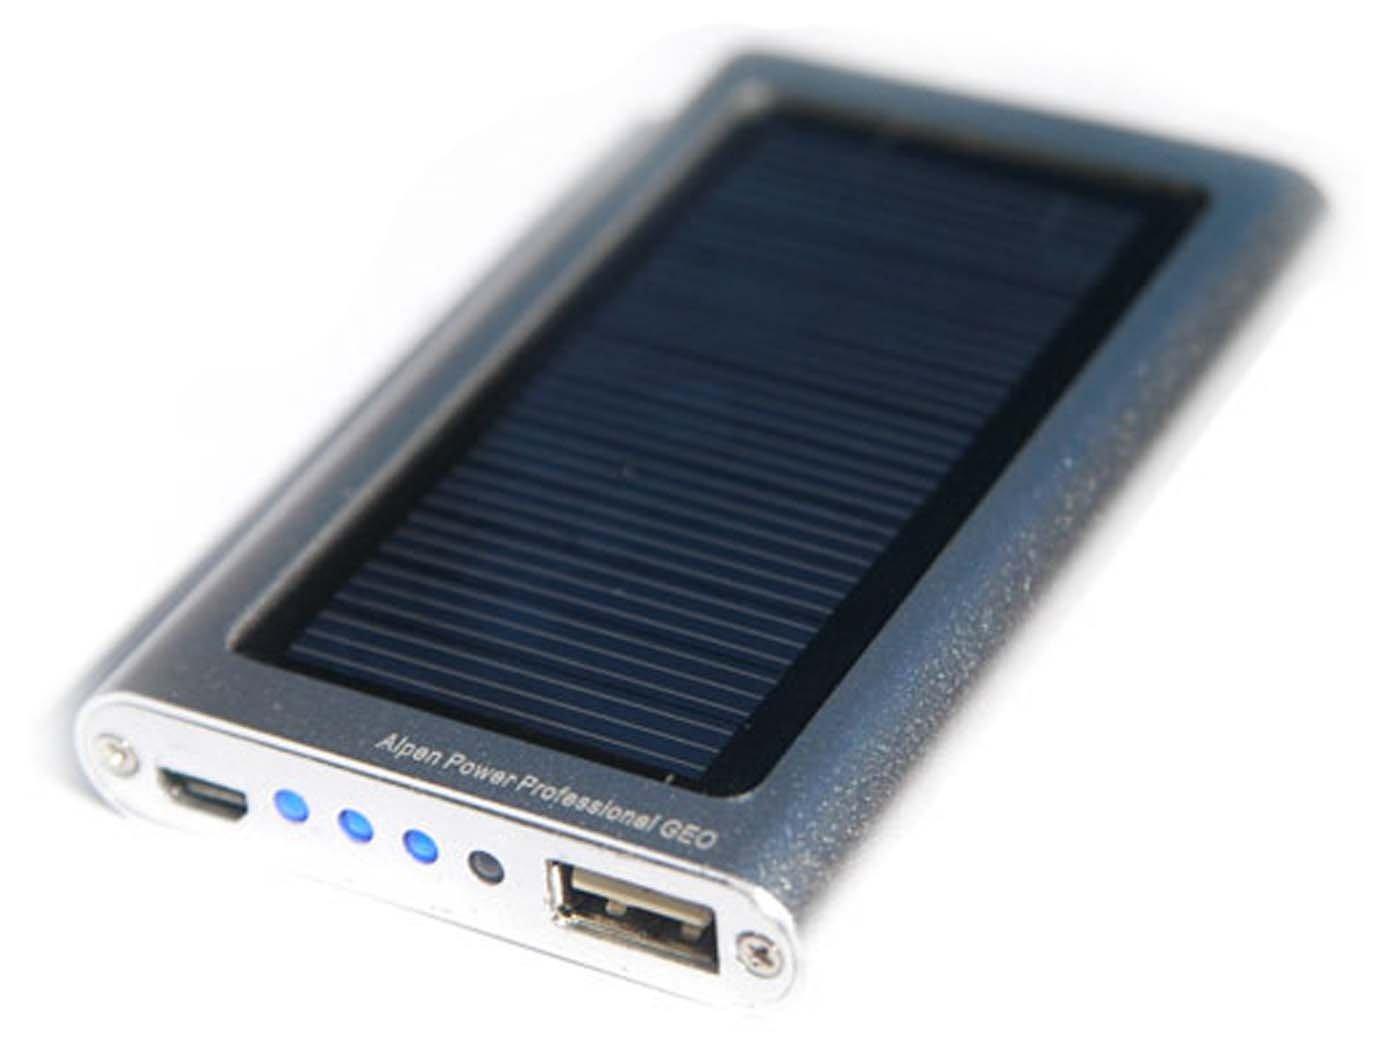 Alpen de profesional GEO - cargador Solar al aire libre para ...